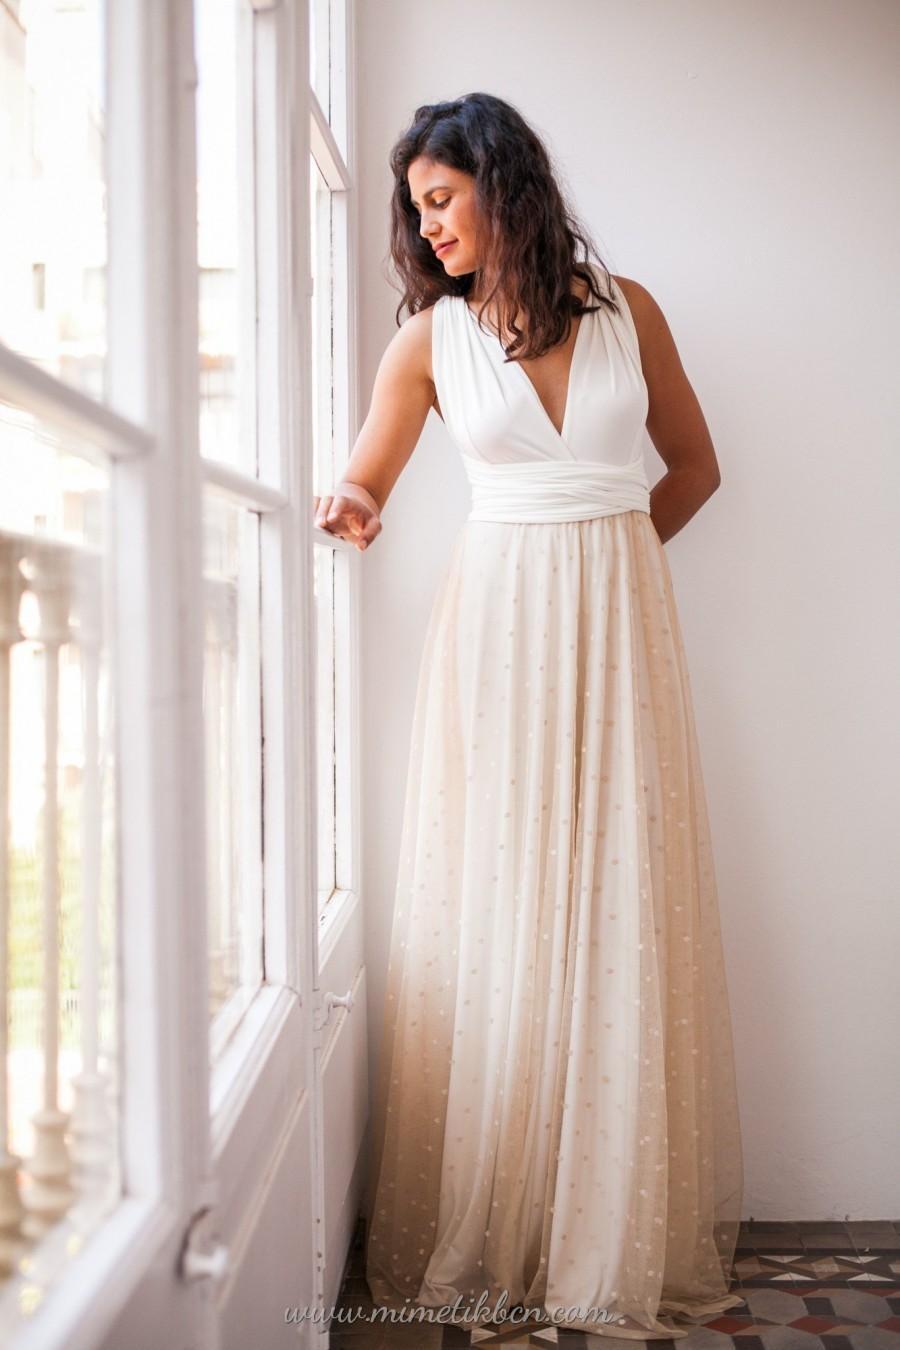 Hochzeit - Removable polka dot tulle skirt, light beige tulle skirt, warm beige tulle overskirt, rustic tulle overskirt for wedding dress, detachable